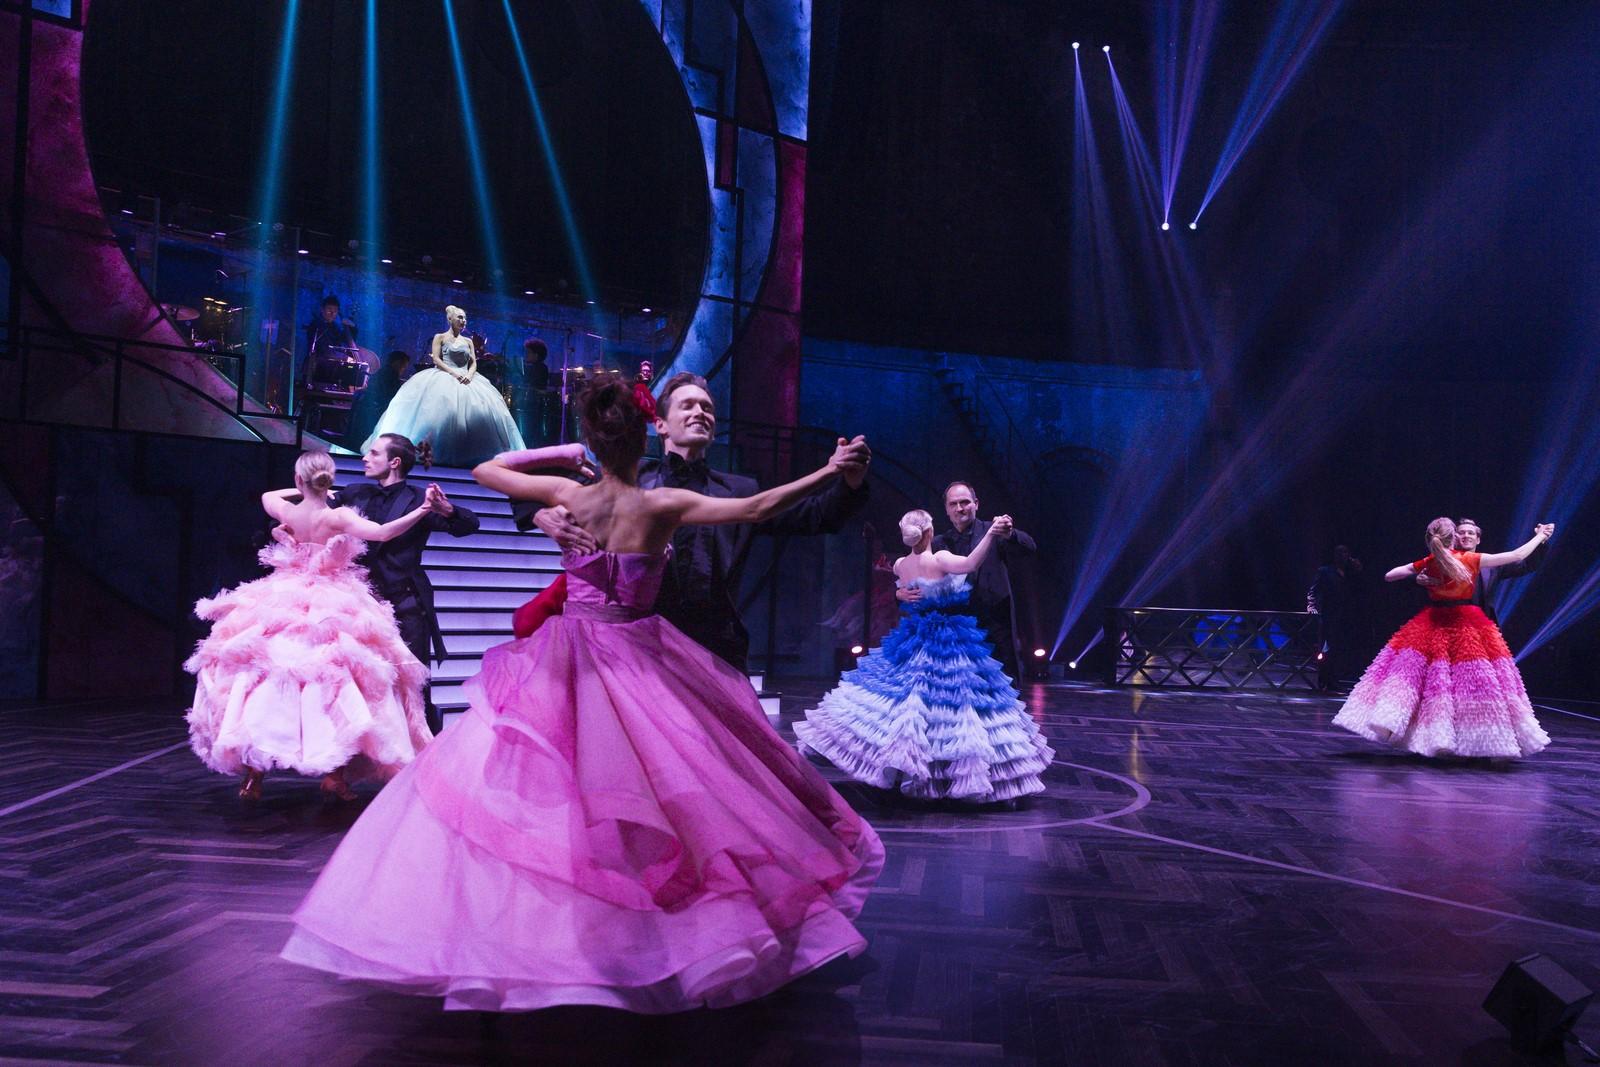 Anmeldelse: Vild med dans – The musical, Østre Gasværk Teater